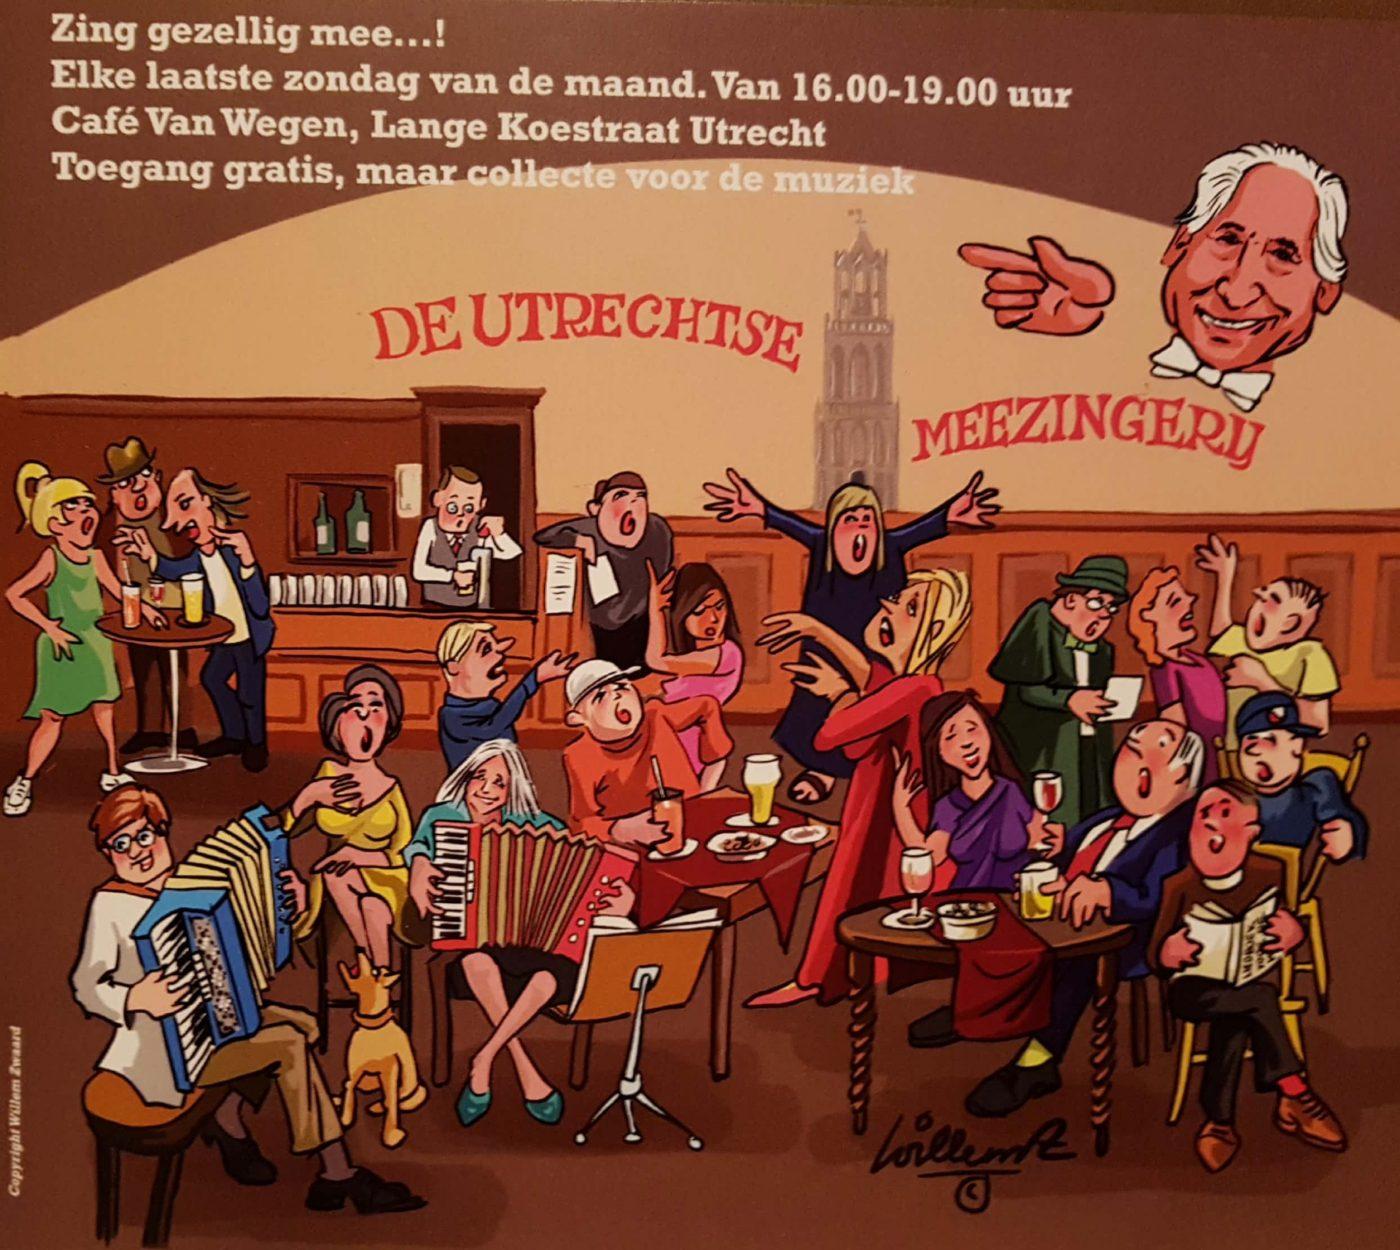 Utrechts meezingen